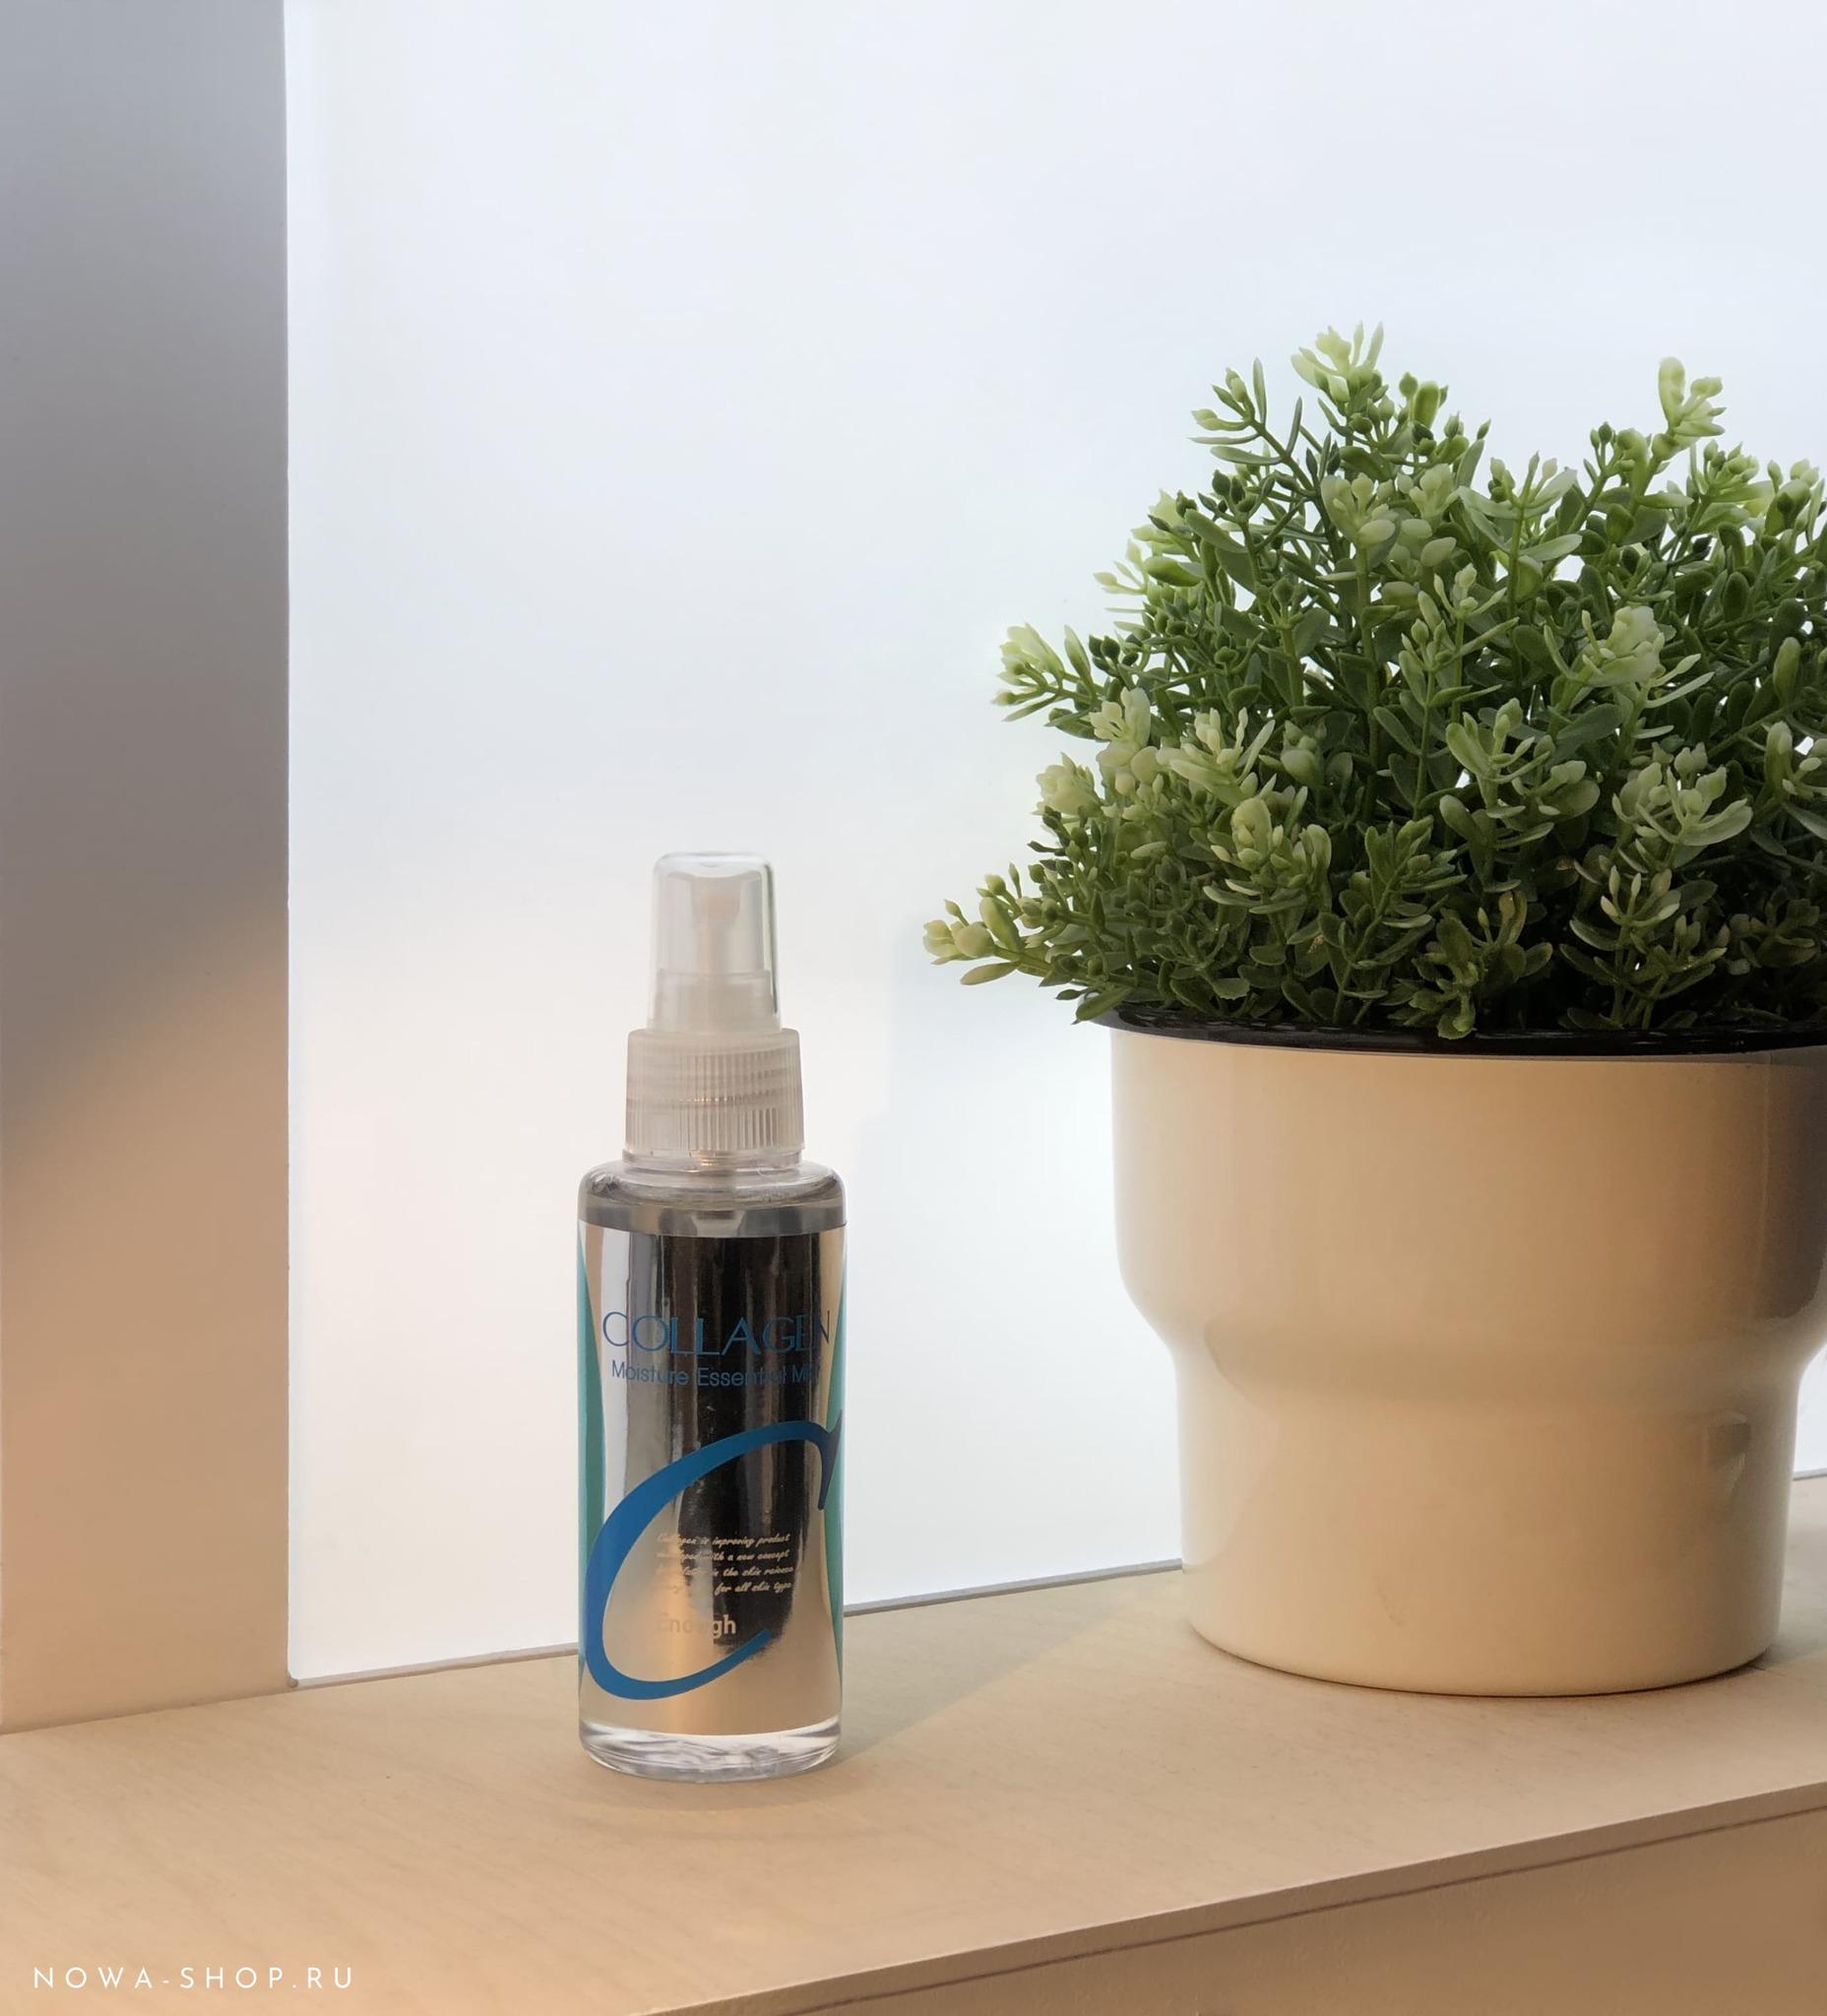 Увлажняющий коллагеновый мист для лица - Enough Collagen Moisture Essential Mist